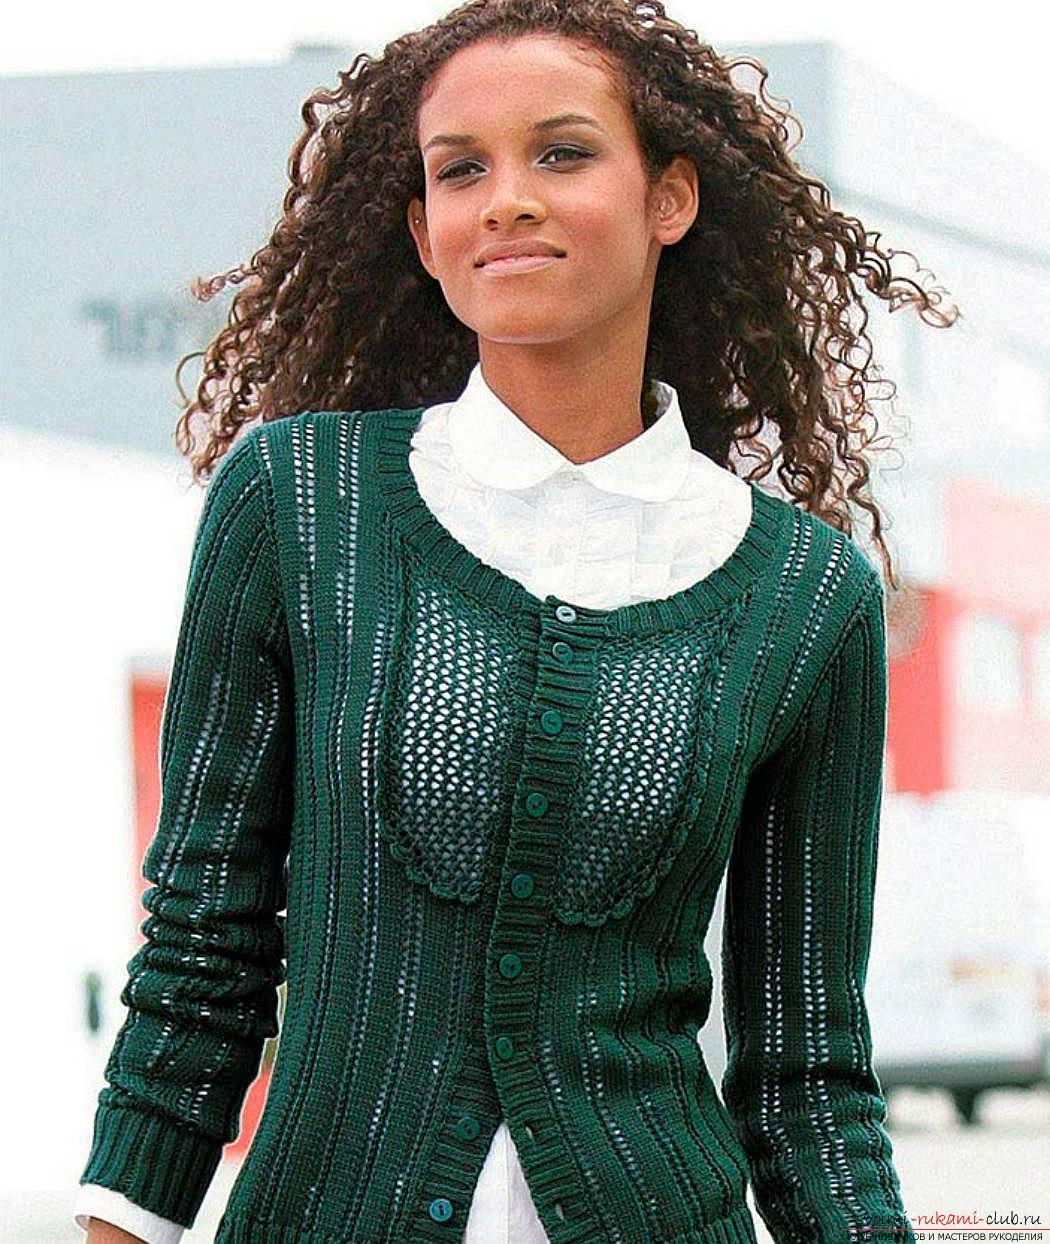 Связать женский модный свитер спицами своими руками можно из более. . Модные вязаные кофты спицами и крючком - 30